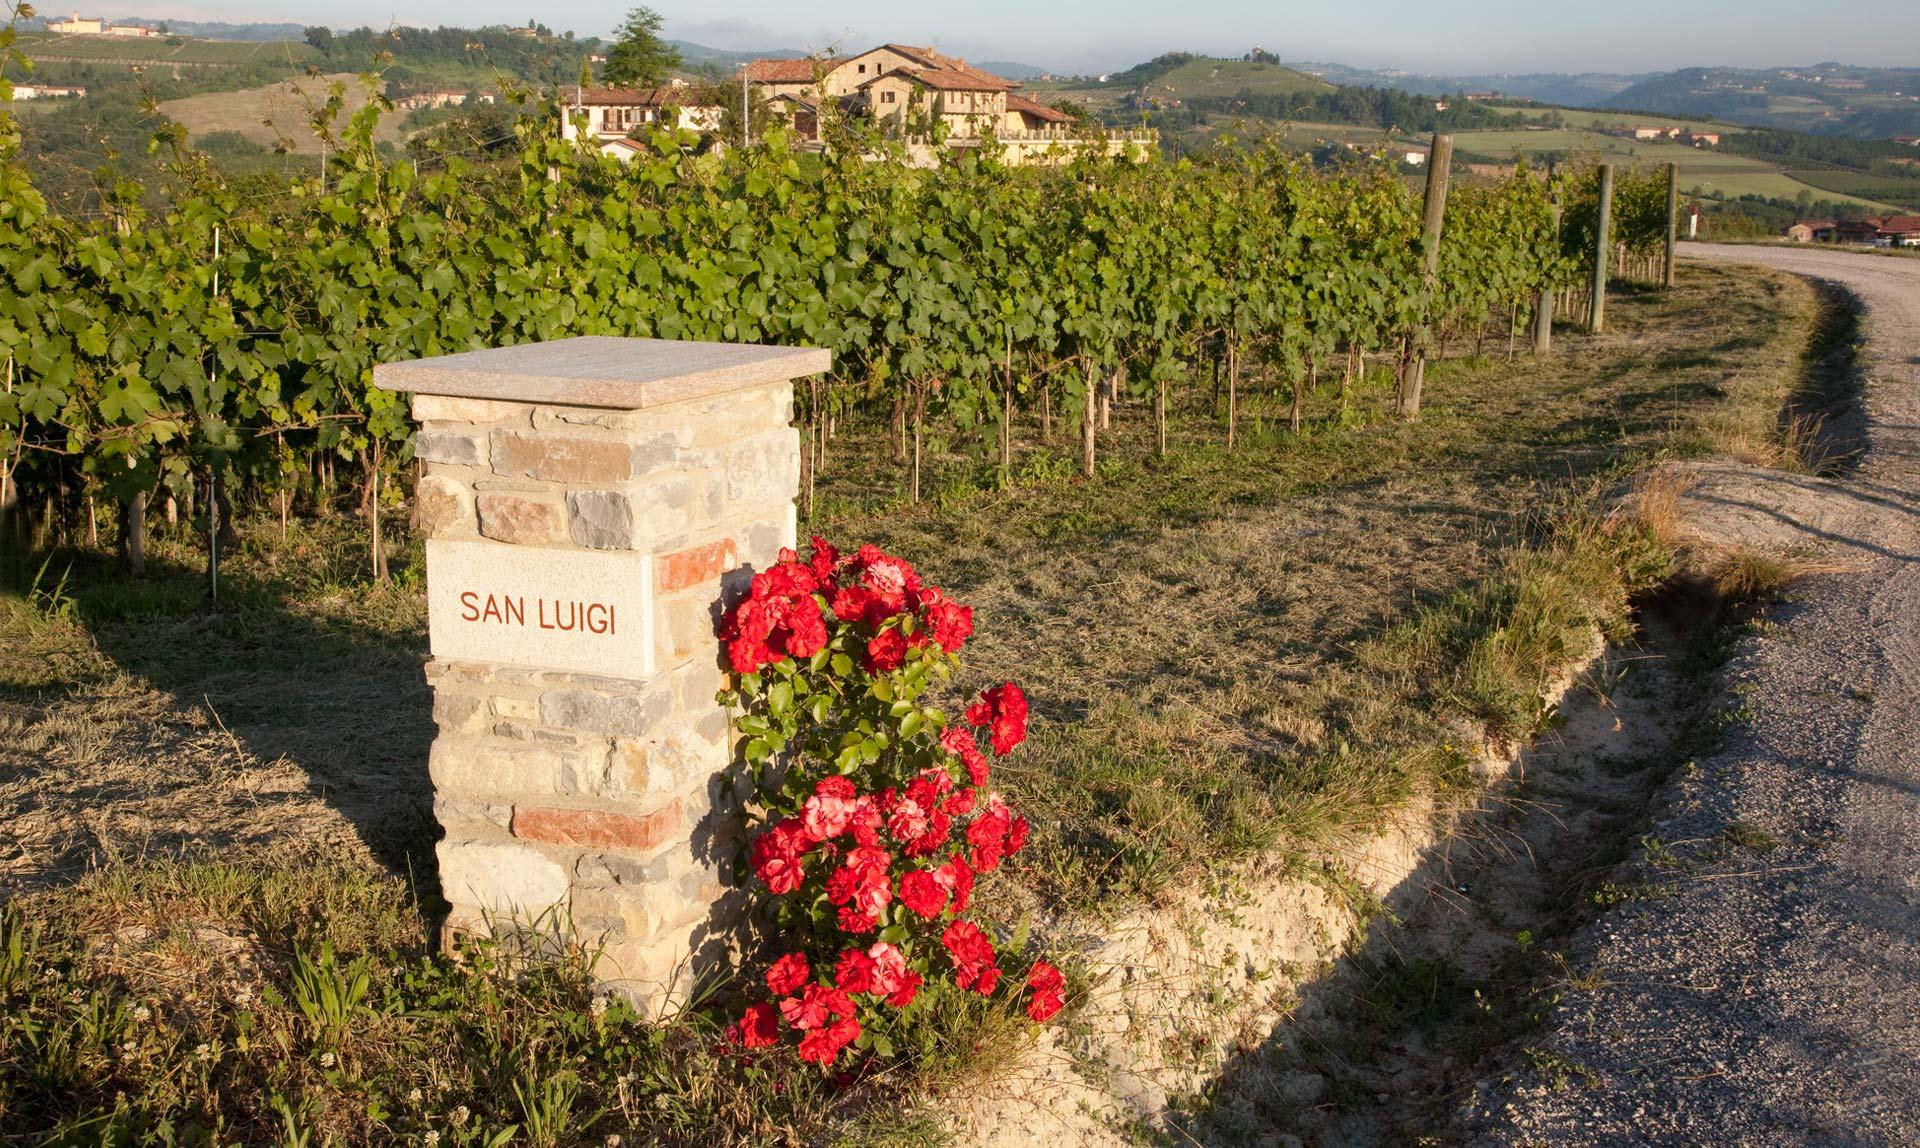 Wijngaard Pecchenino San Luigi